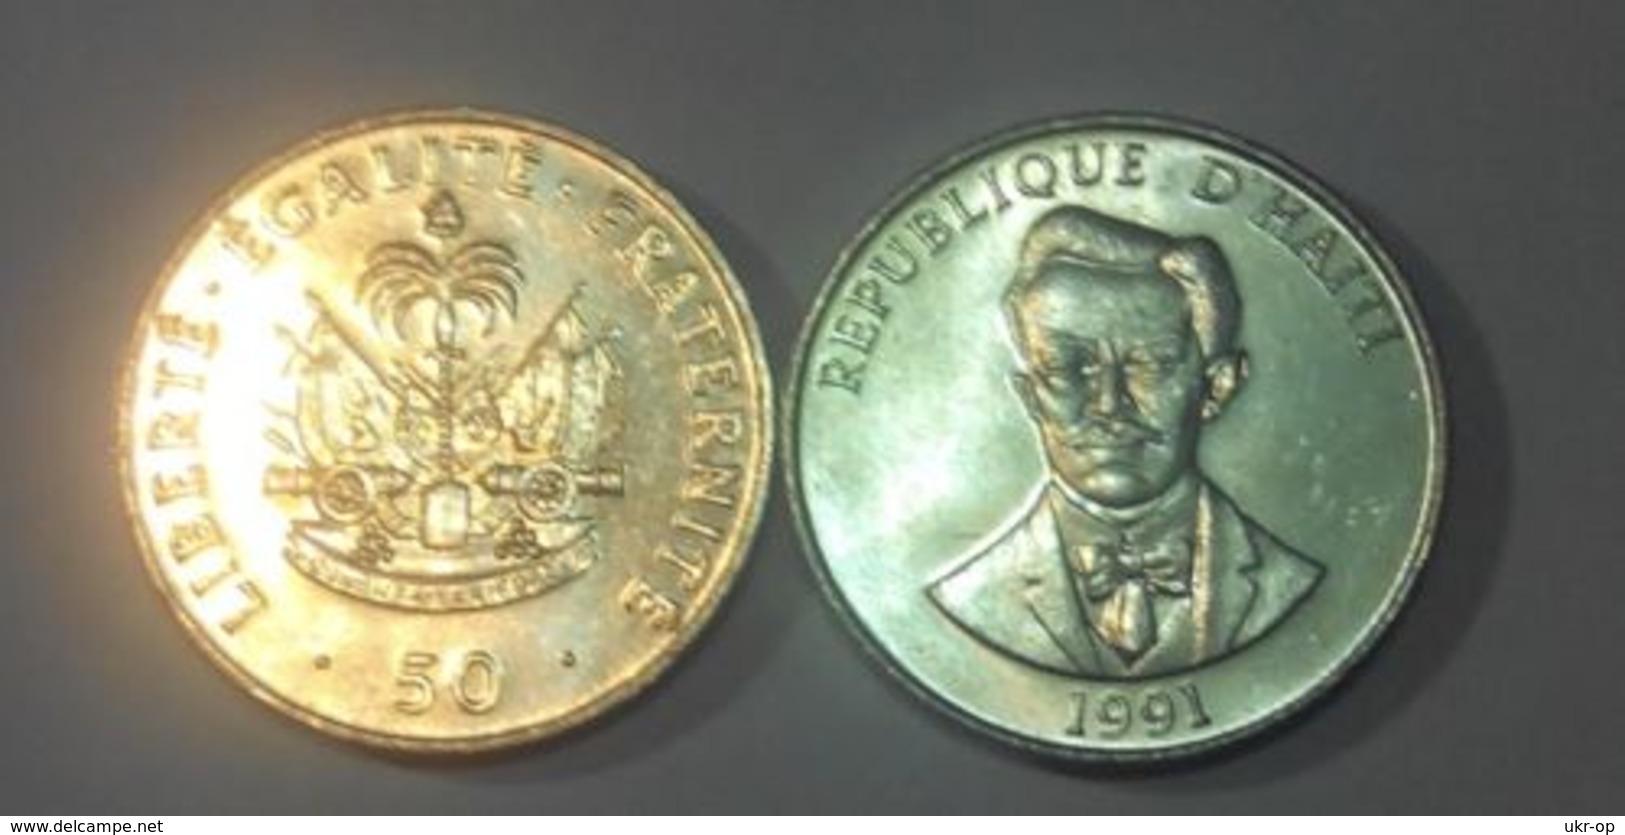 Haiti - 50 Centimes 1991 AUNC / UNC Ukr-OP - Haïti